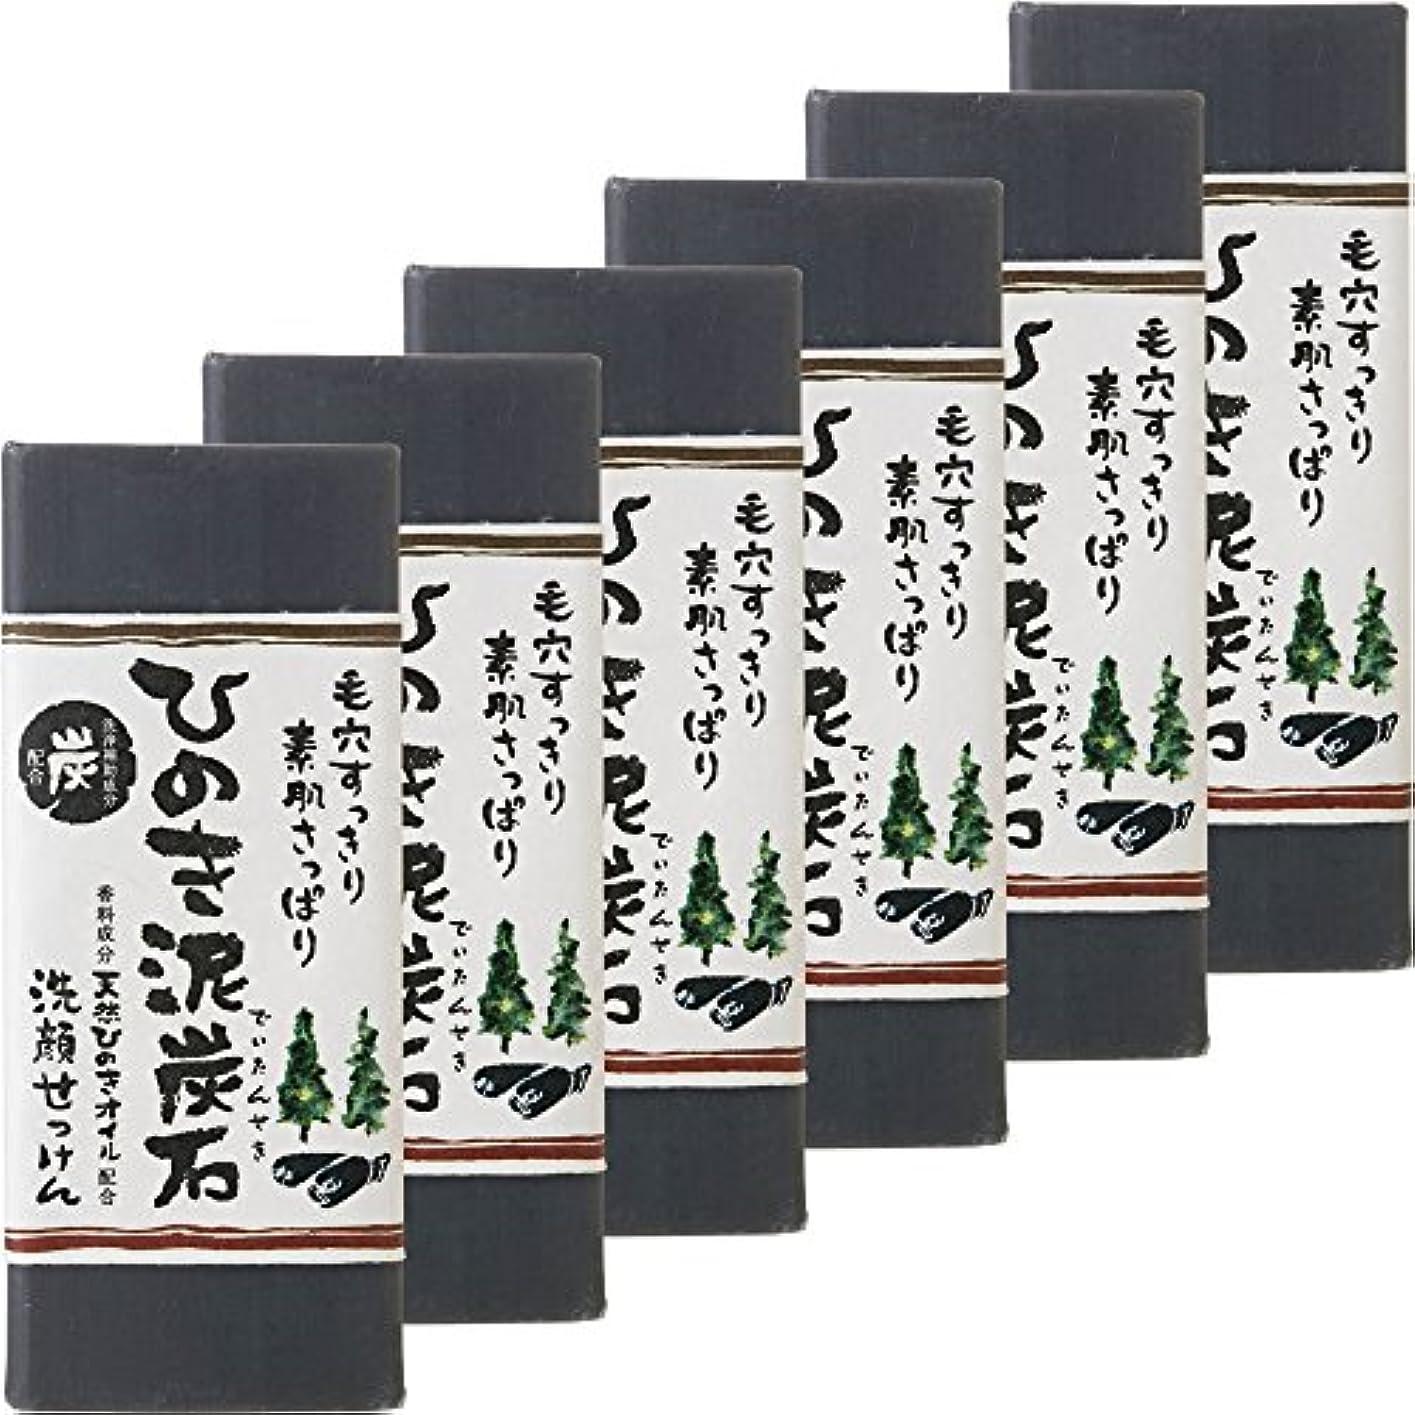 ひのき泥炭石 洗顔せっけん すっきりタイプ (150g×6個) 石けん [天然ひのきオイル配合]